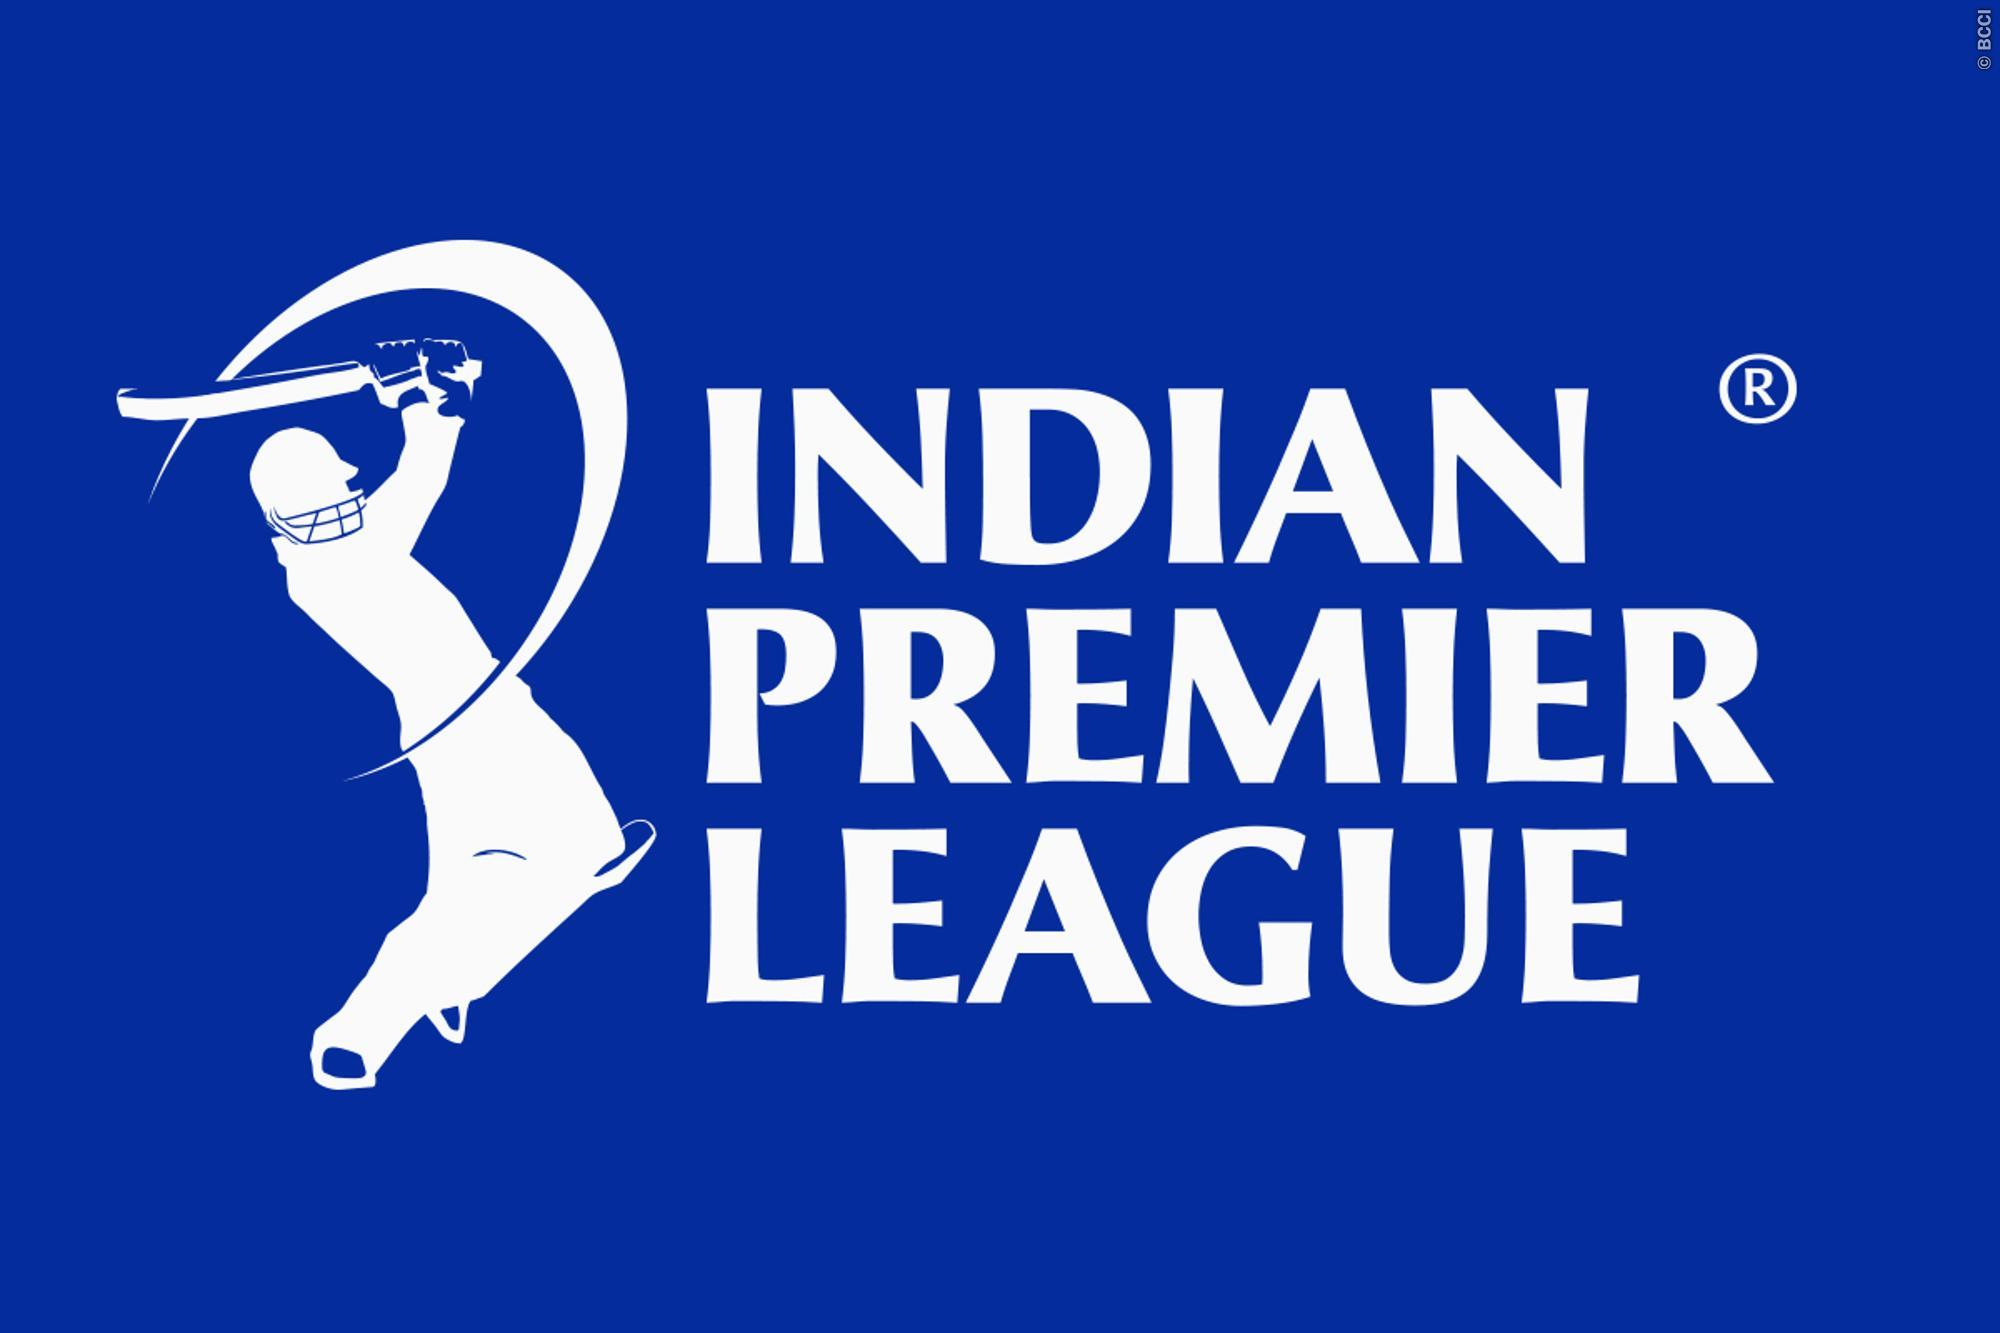 आईपीएल आजबाट सुरू हुंदै ,उद्घाटन खेल मुम्बई र चेन्नईबीच हुने